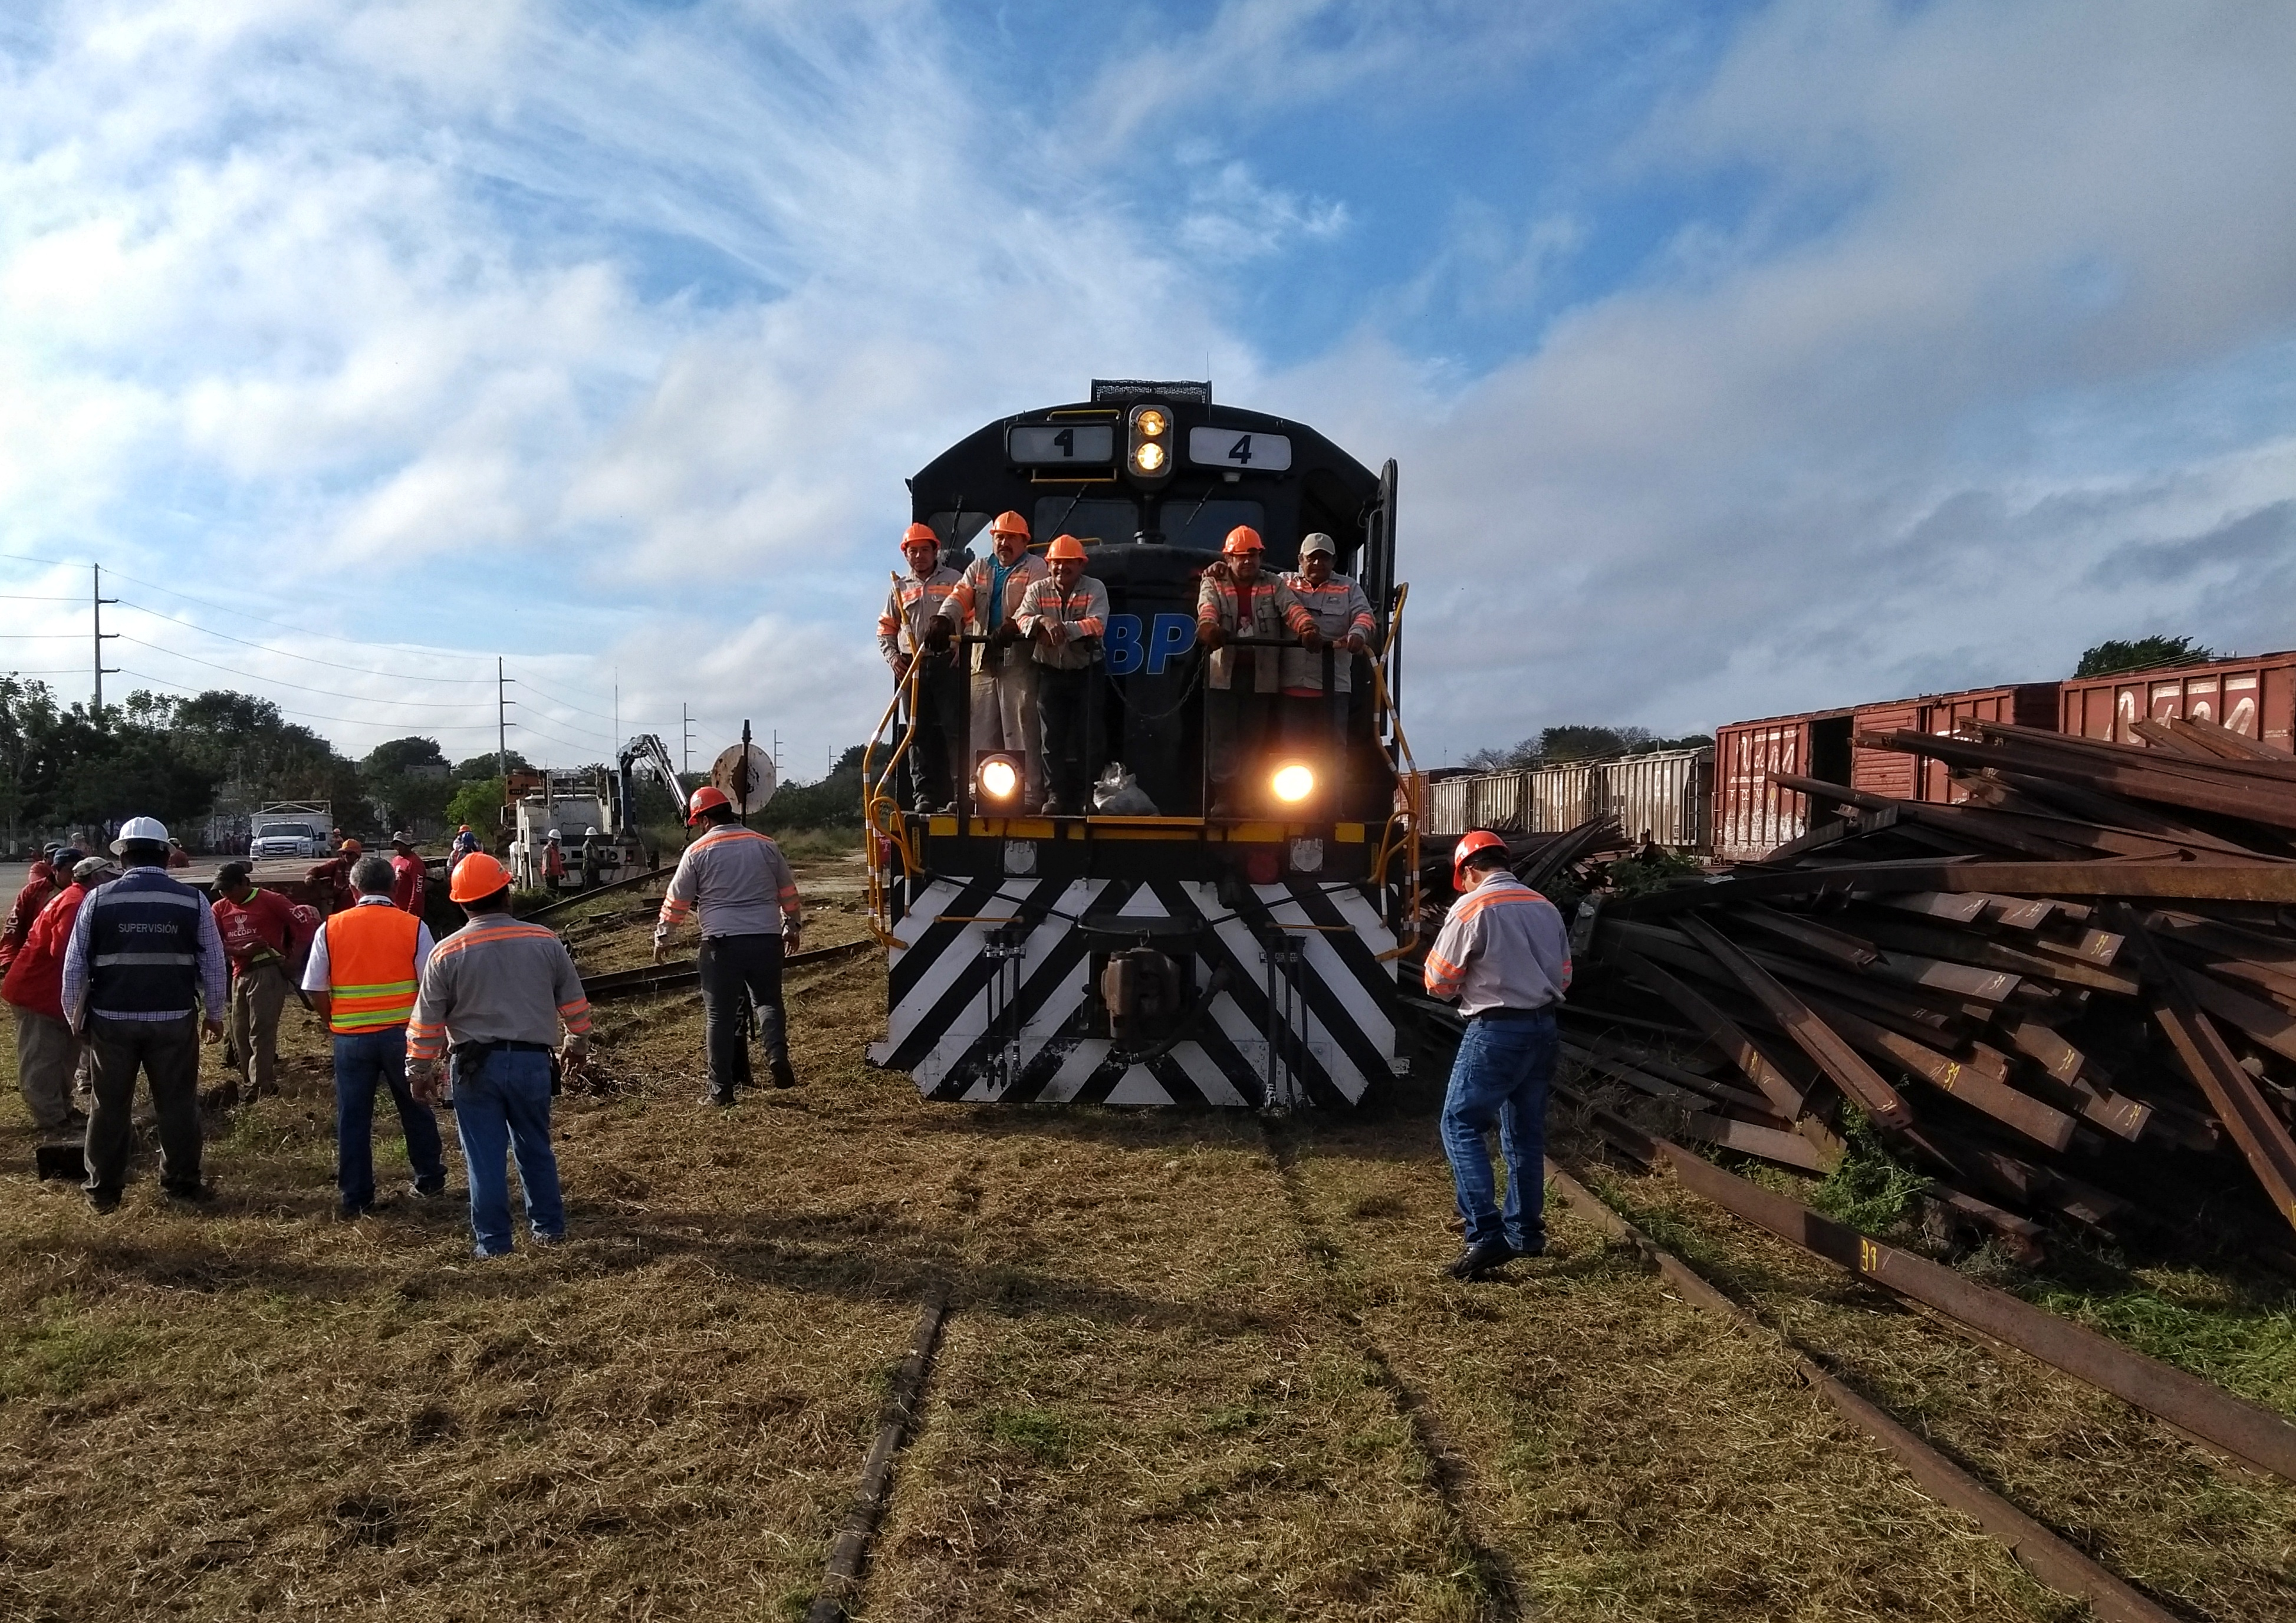 Se los llevó el tren: sacan vagones y chatarra de La Plancha, en Mérida (vídeo)